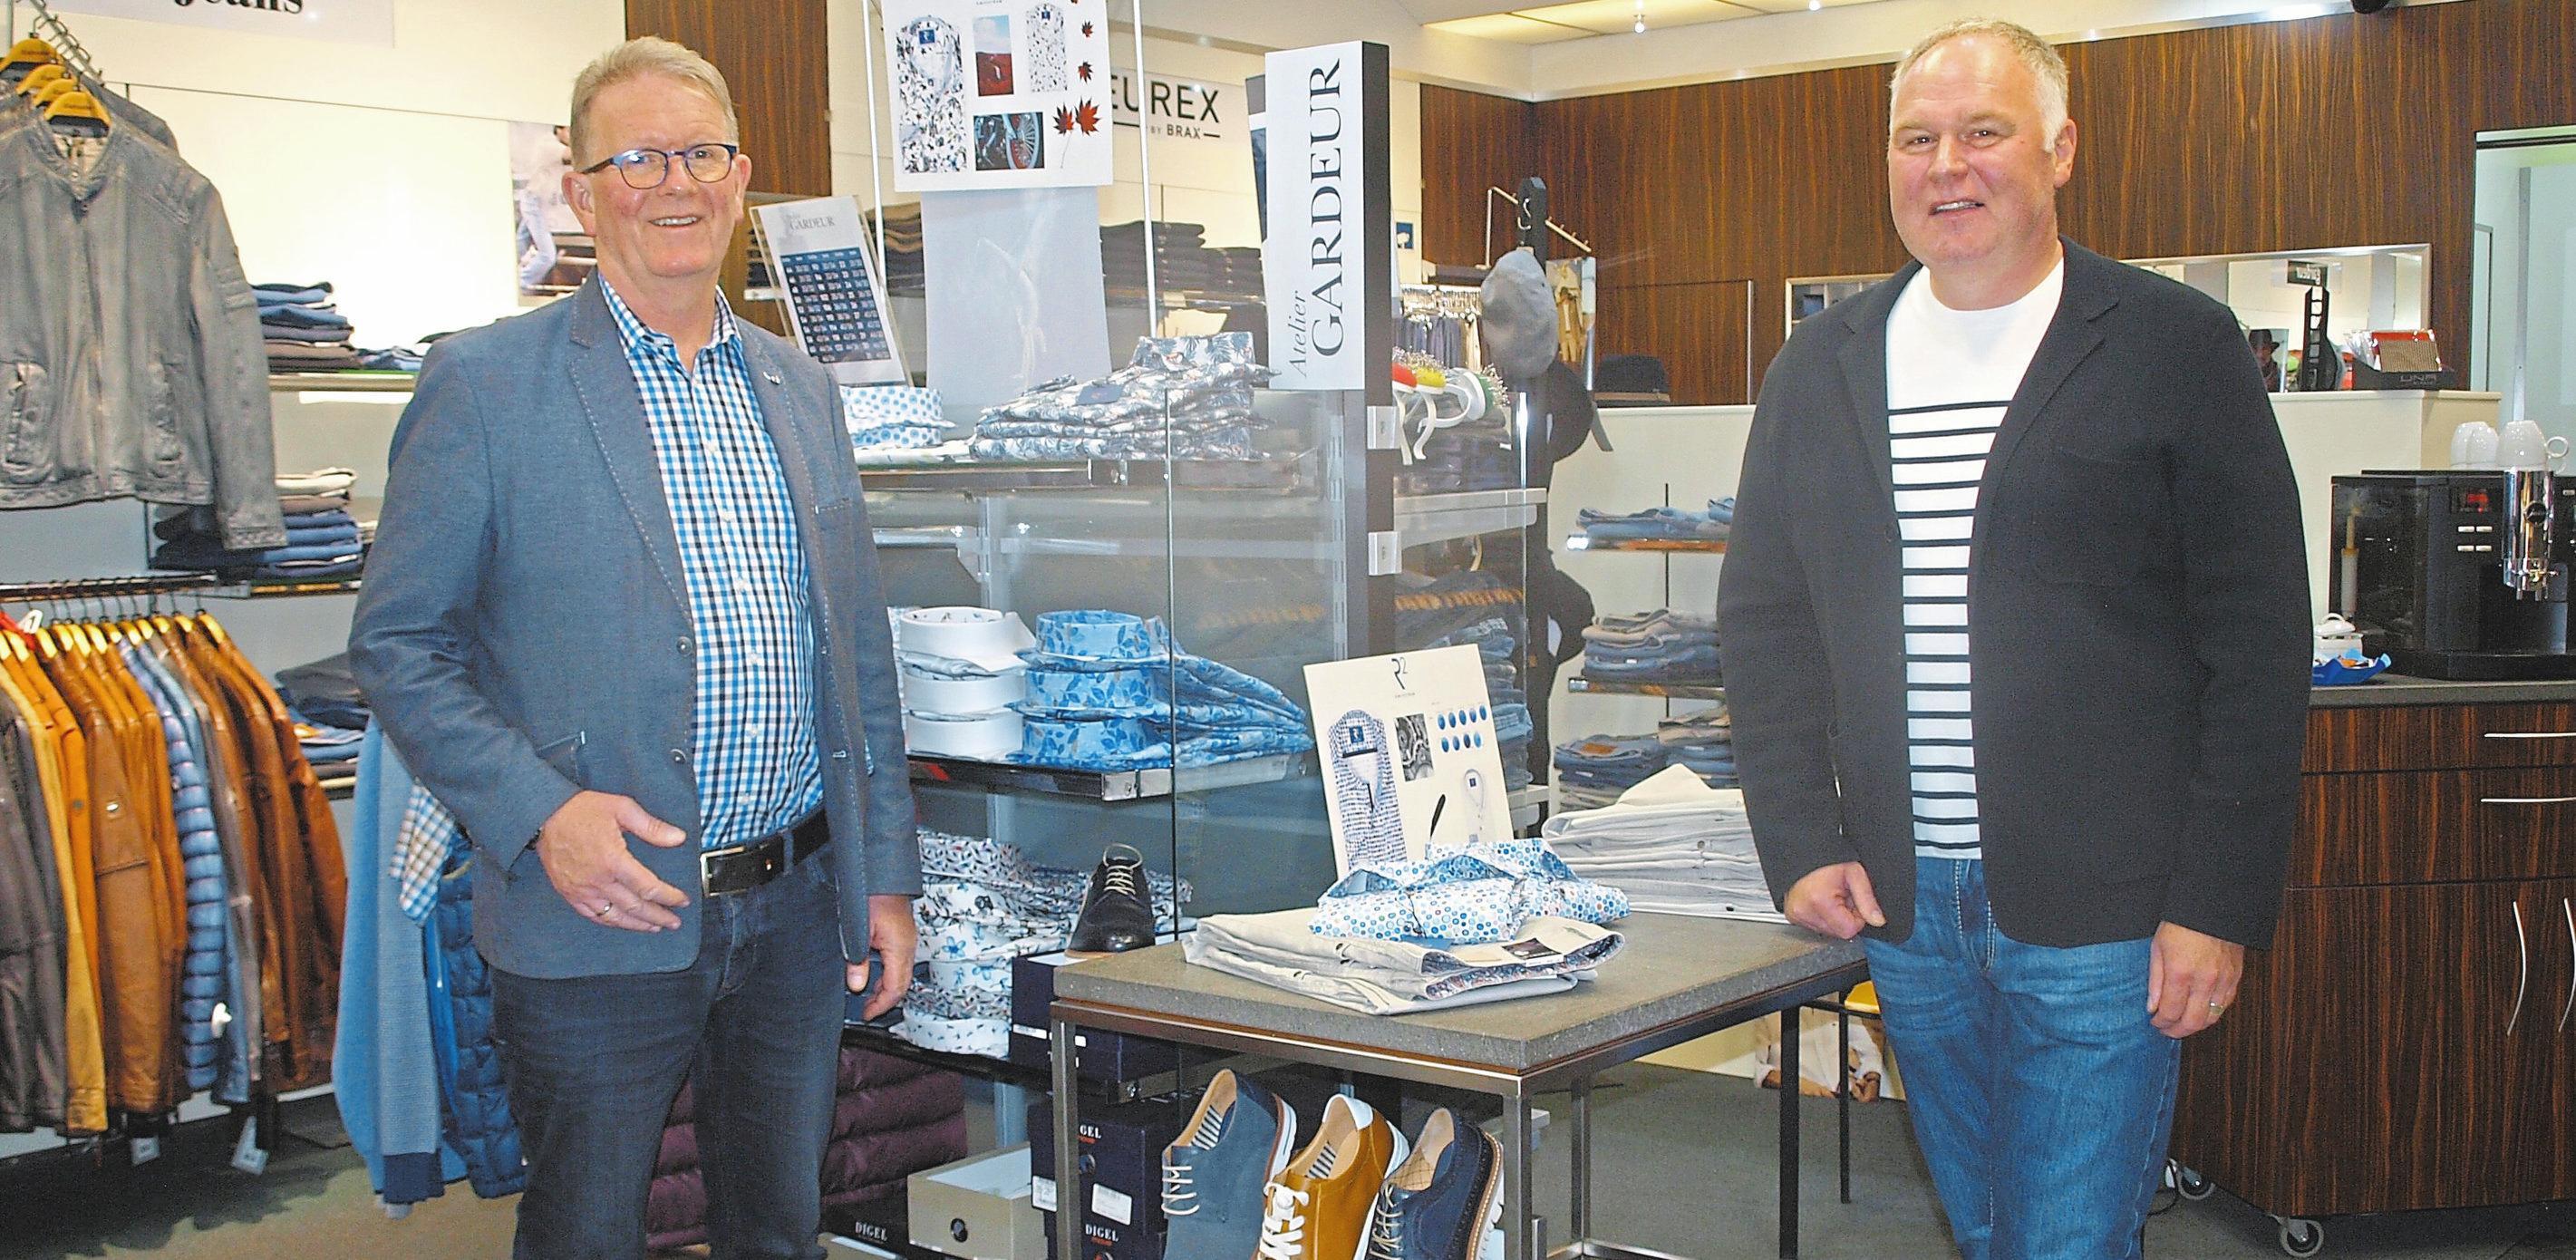 Bernd-Uwe Lieftüchter und Oliver Mohr beteiligen sich am verkaufsoffenen Sonntag.